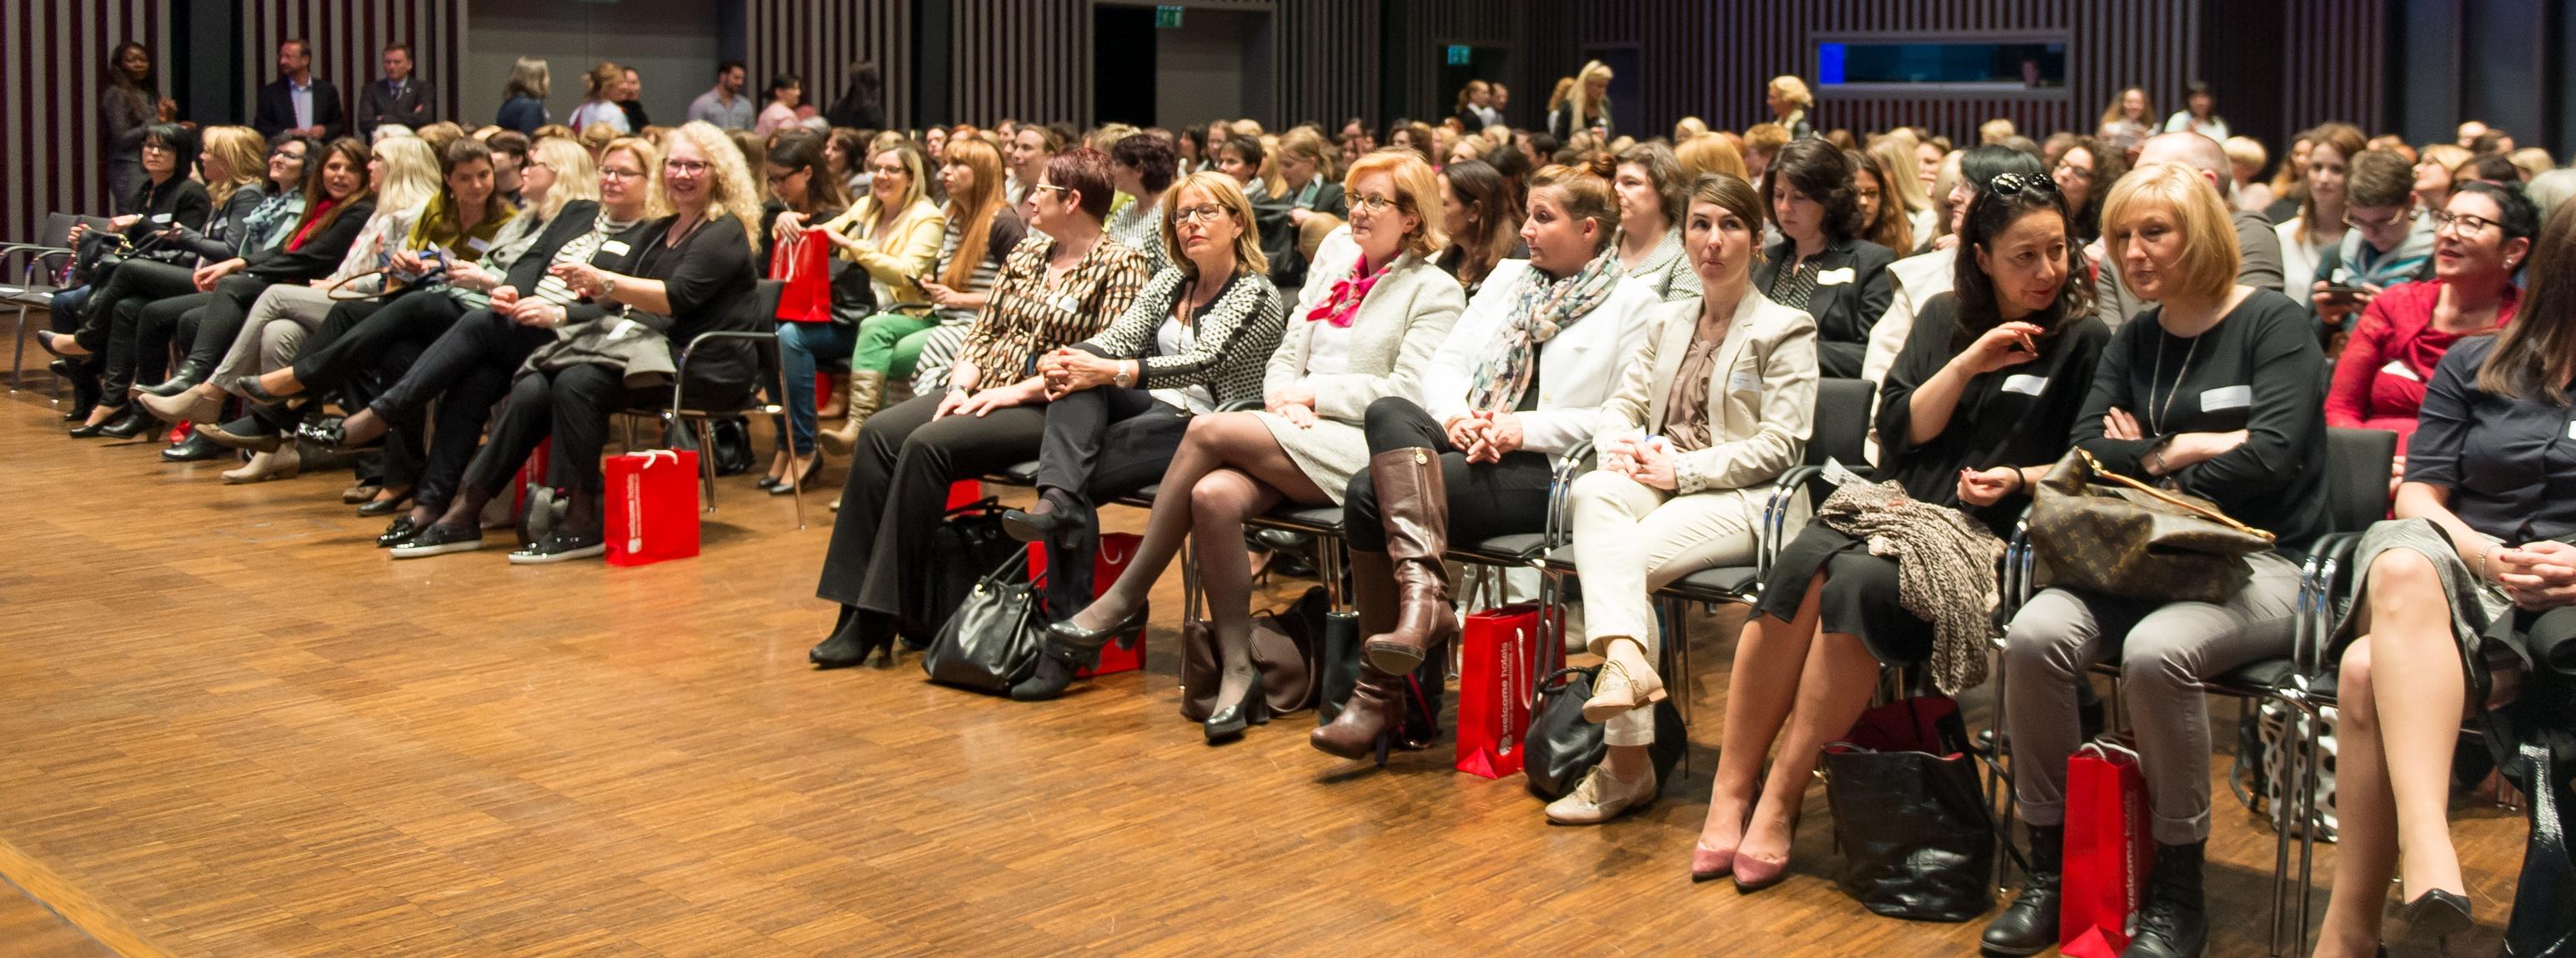 Interessiertes Publikum am Miss Moneypenny Event 2016 im Trafo Baden